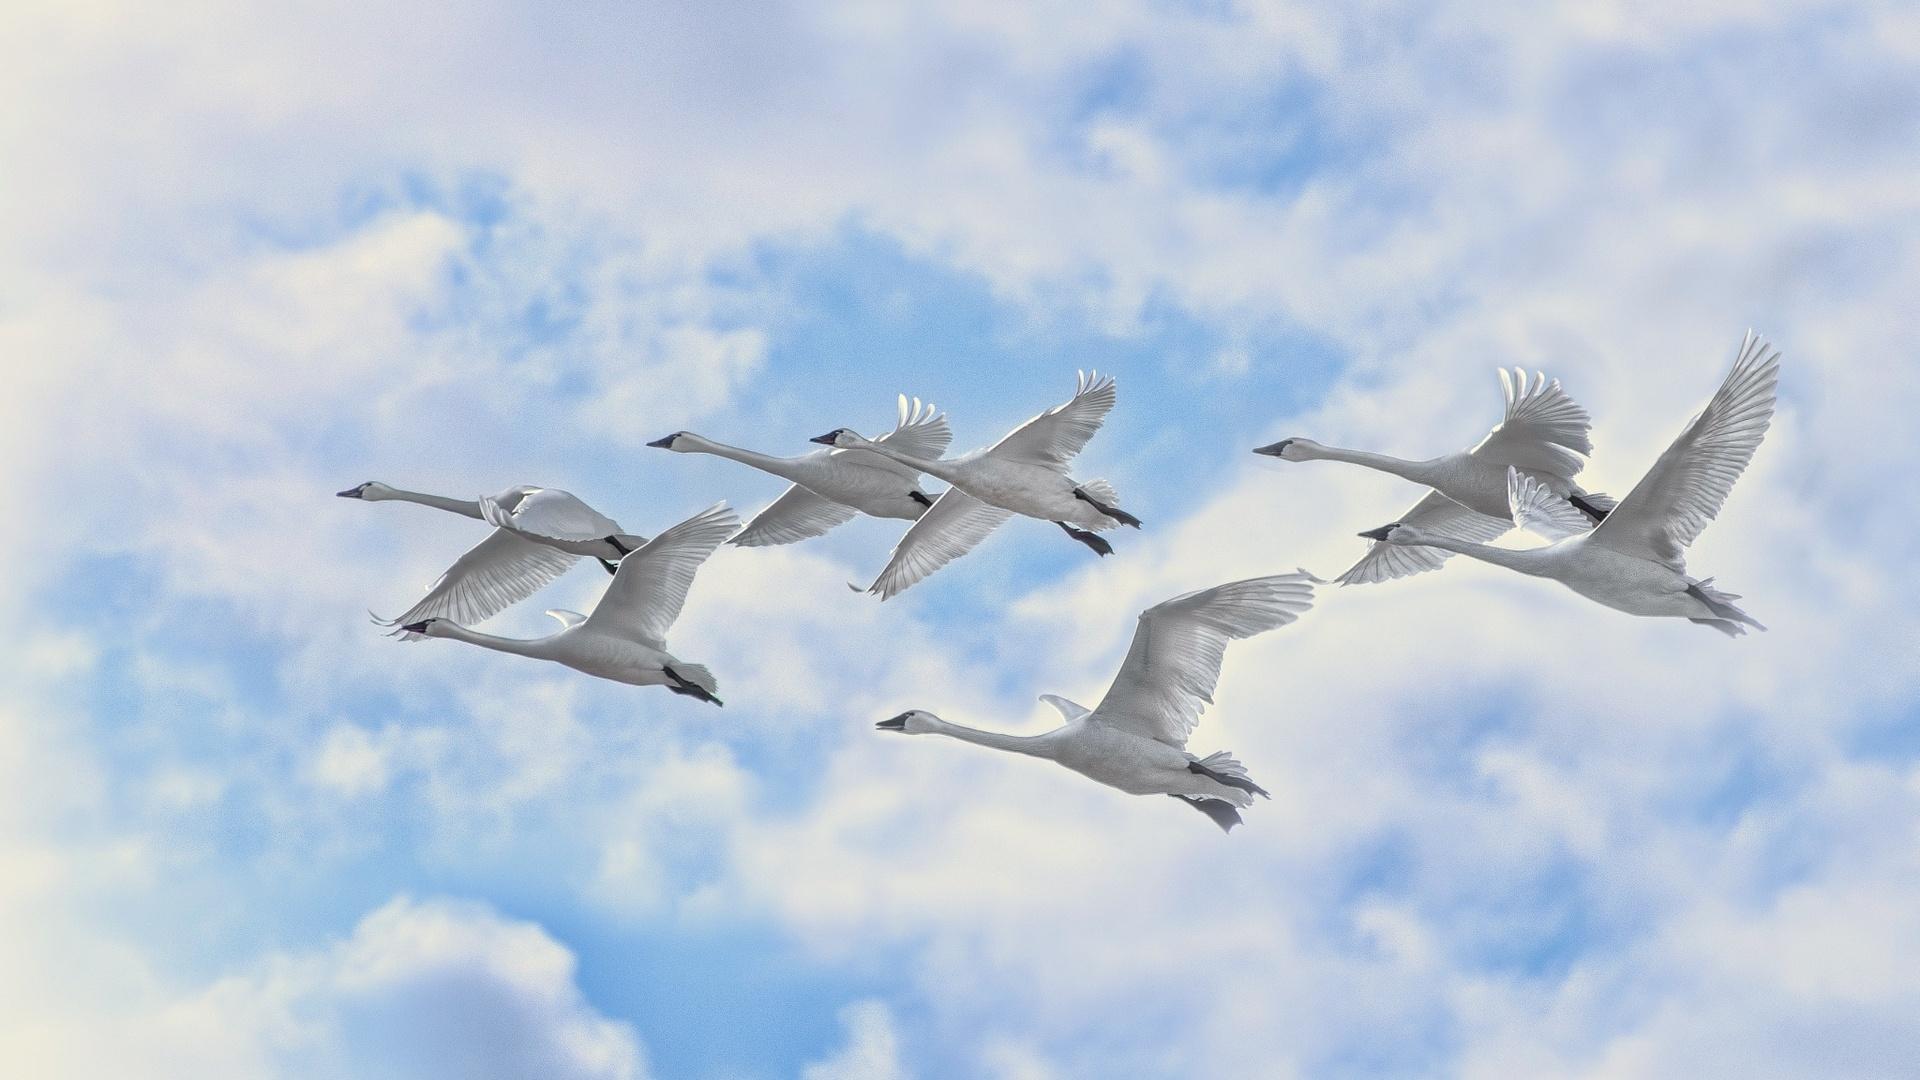 Wedge Birds In The Sky Desktop Wallpaper